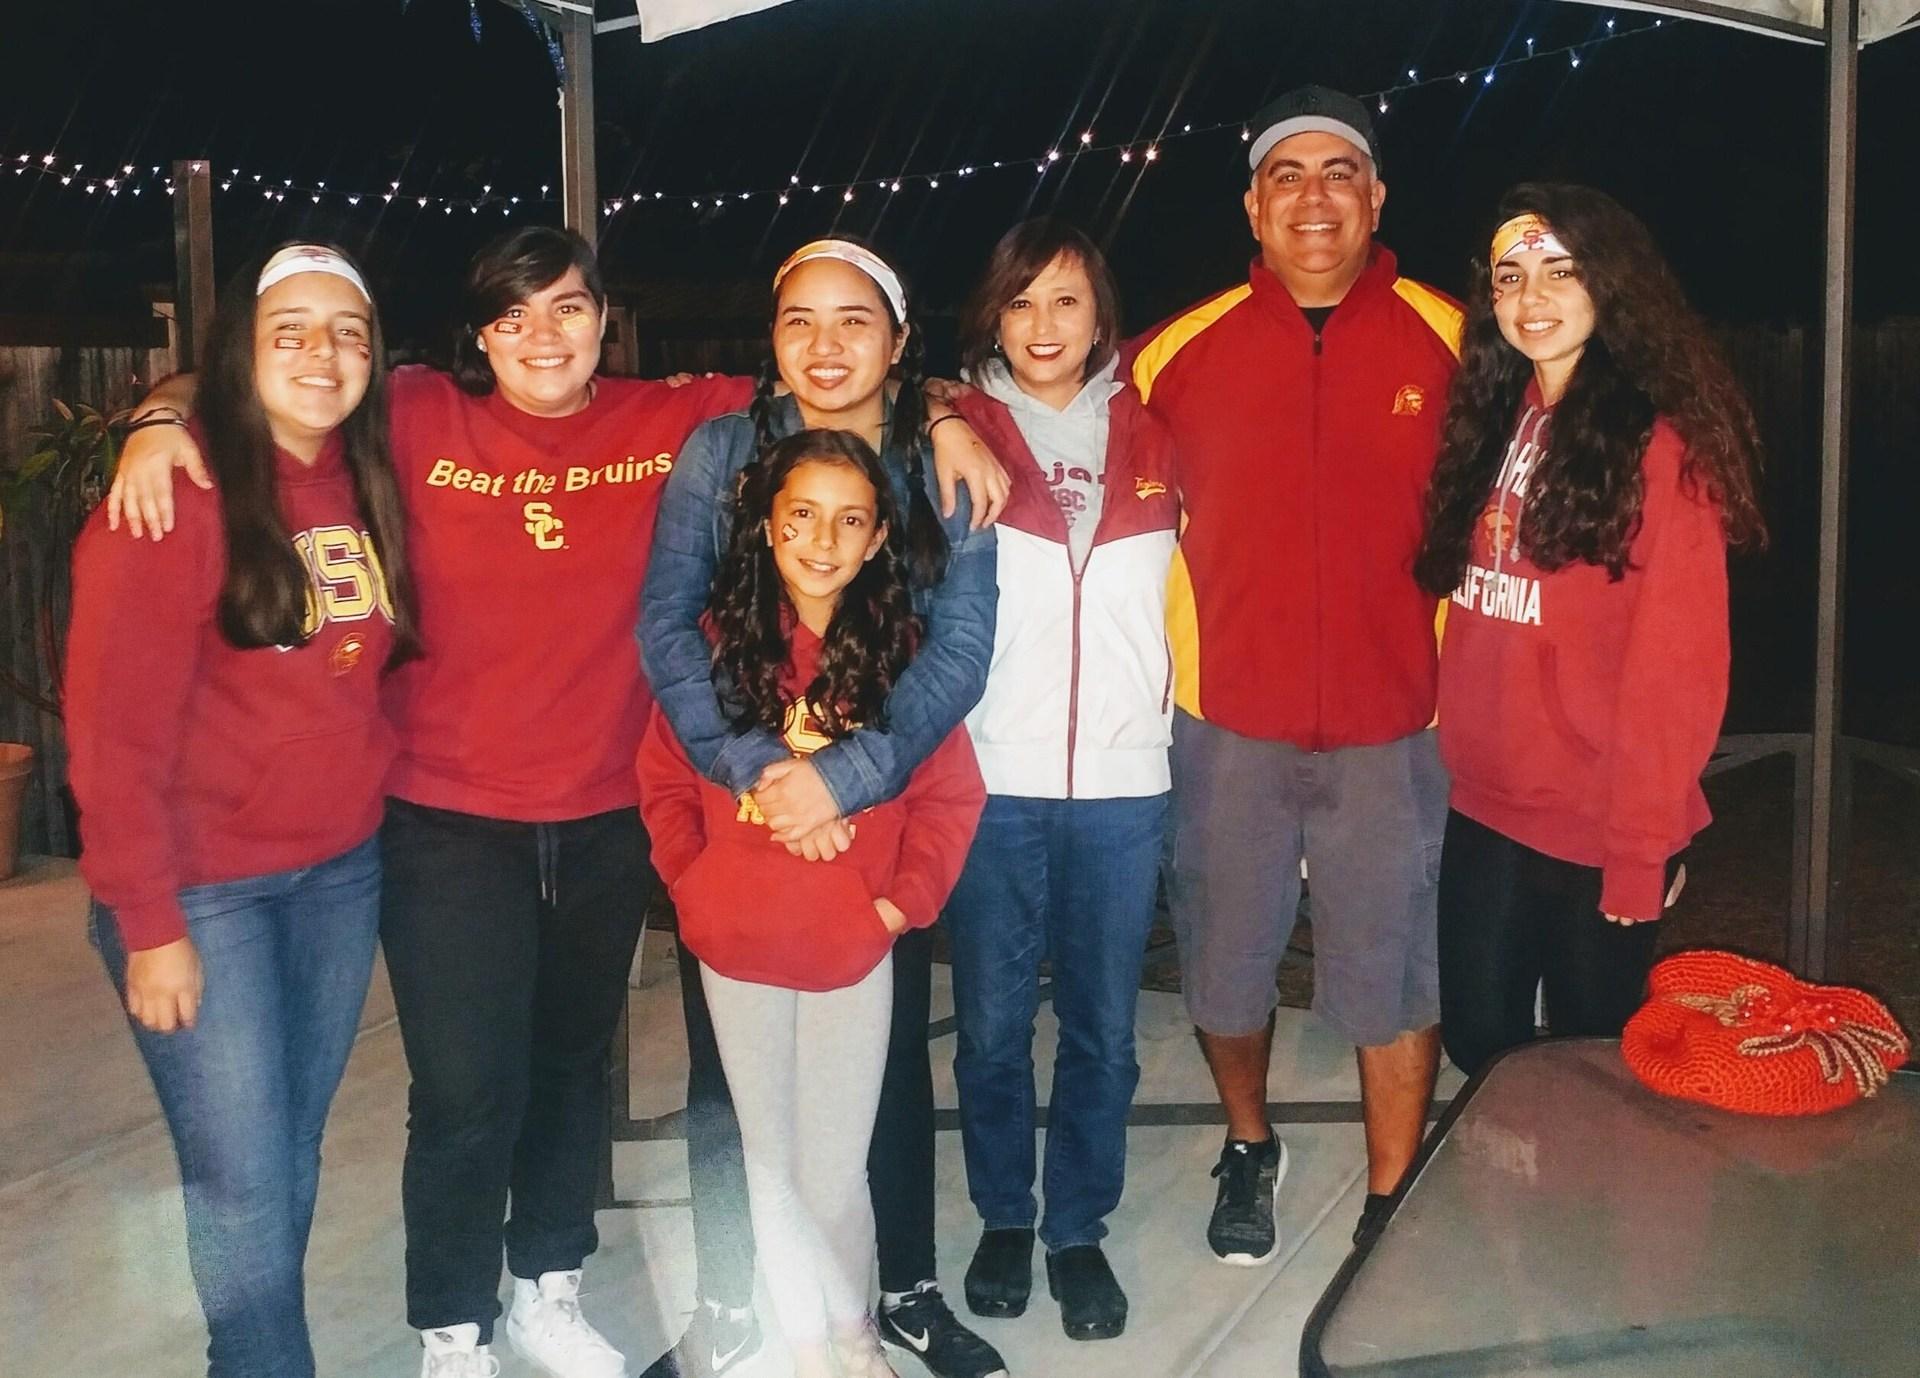 Perdomo Family  - USC vs. UCLA game